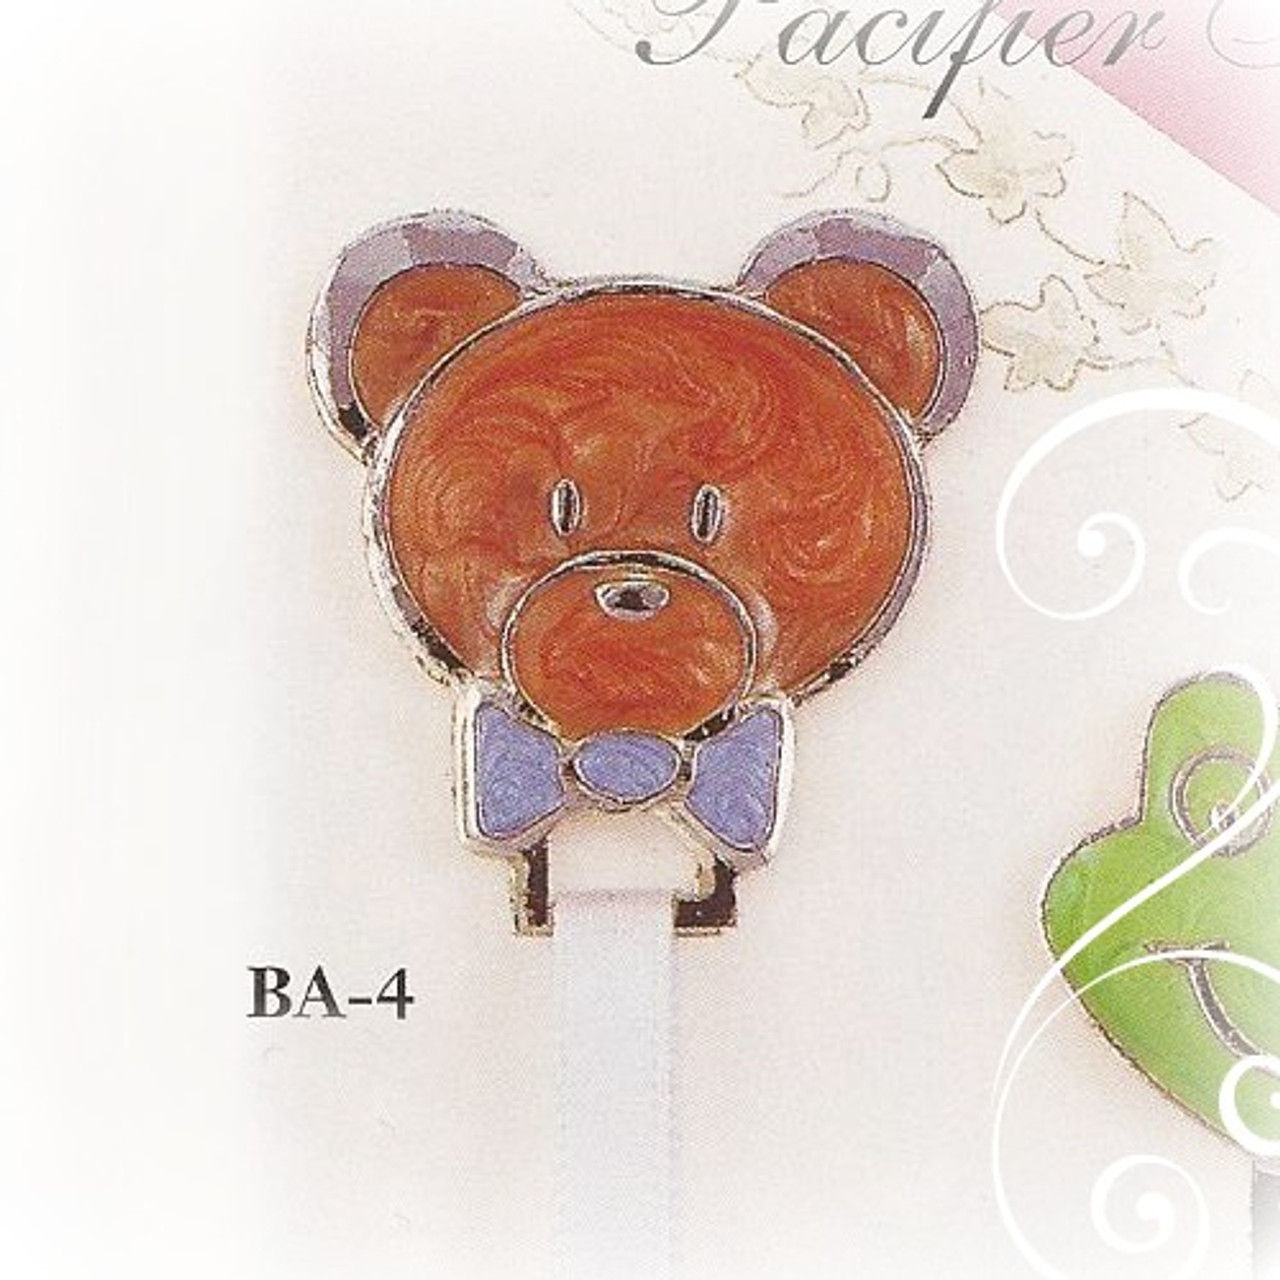 BA-4 Teddy Bear Paci Holder